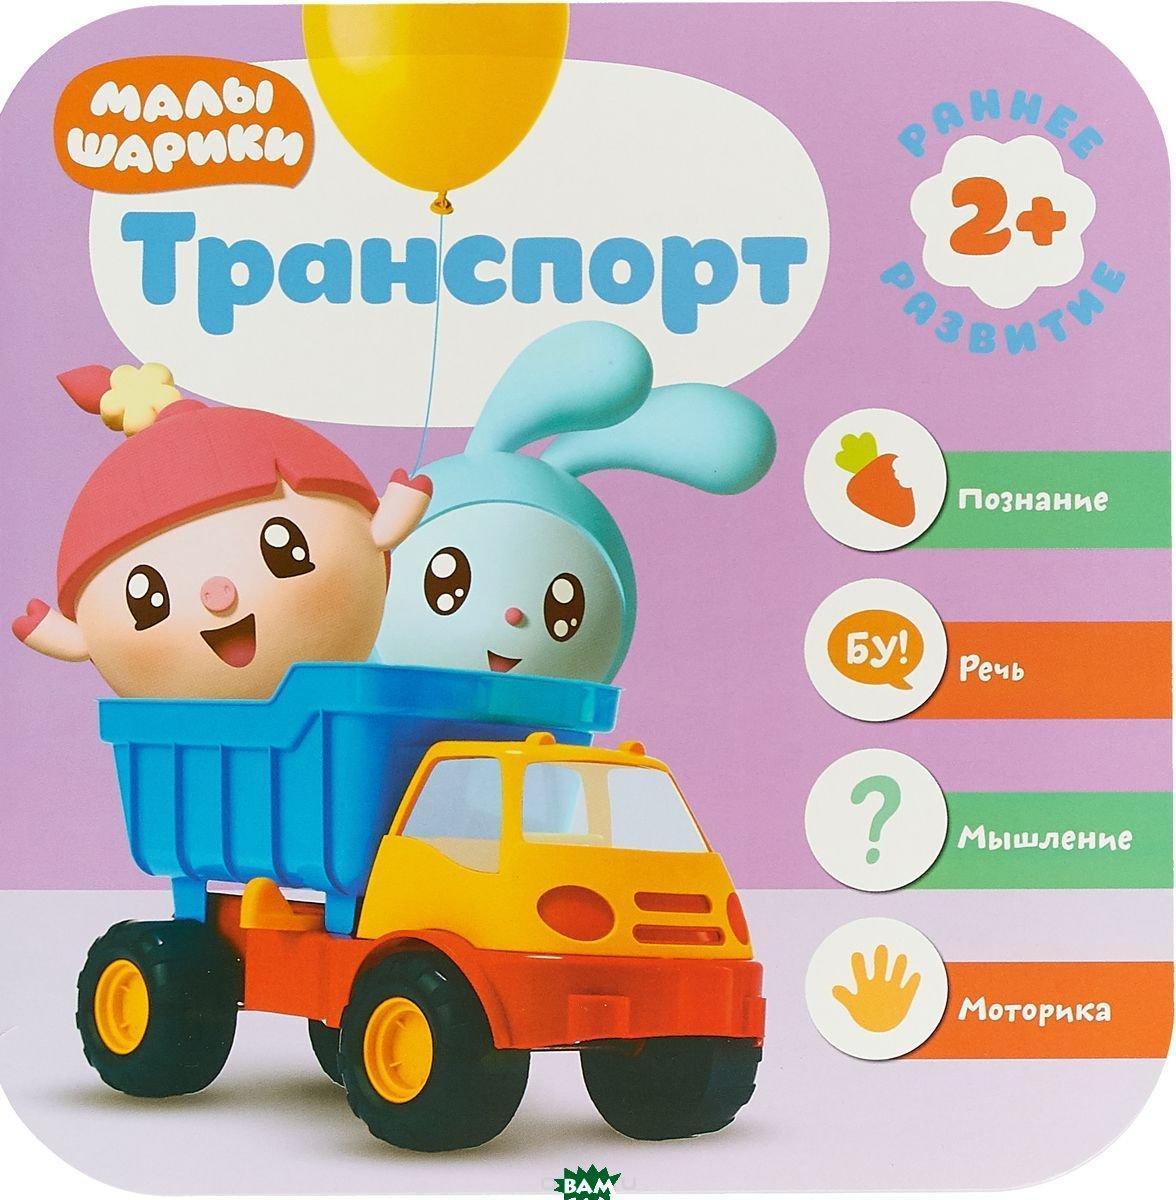 Денисова Дарья Транспорт. Развивающая книга